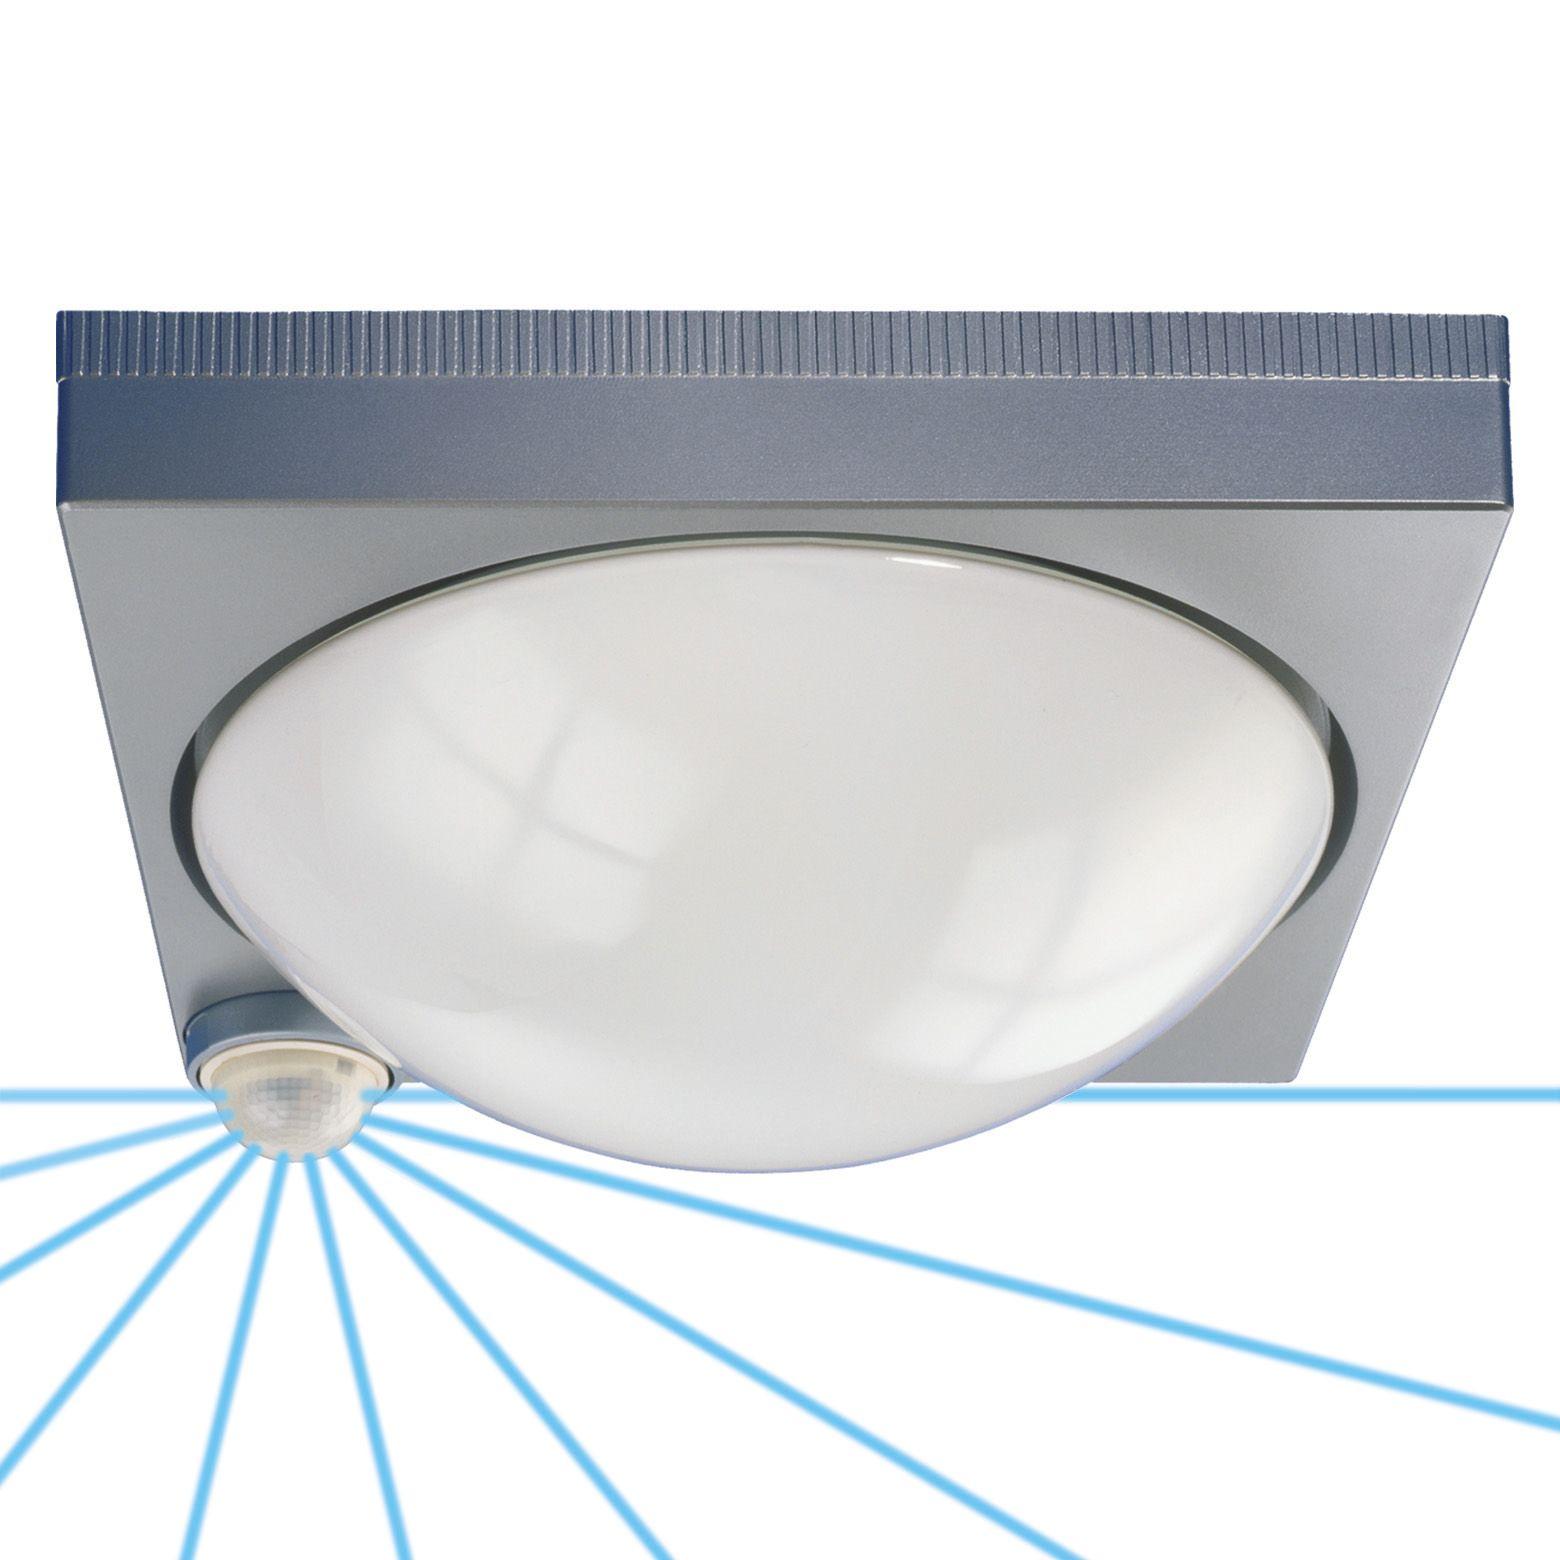 Pin On Sensor Lights For Home